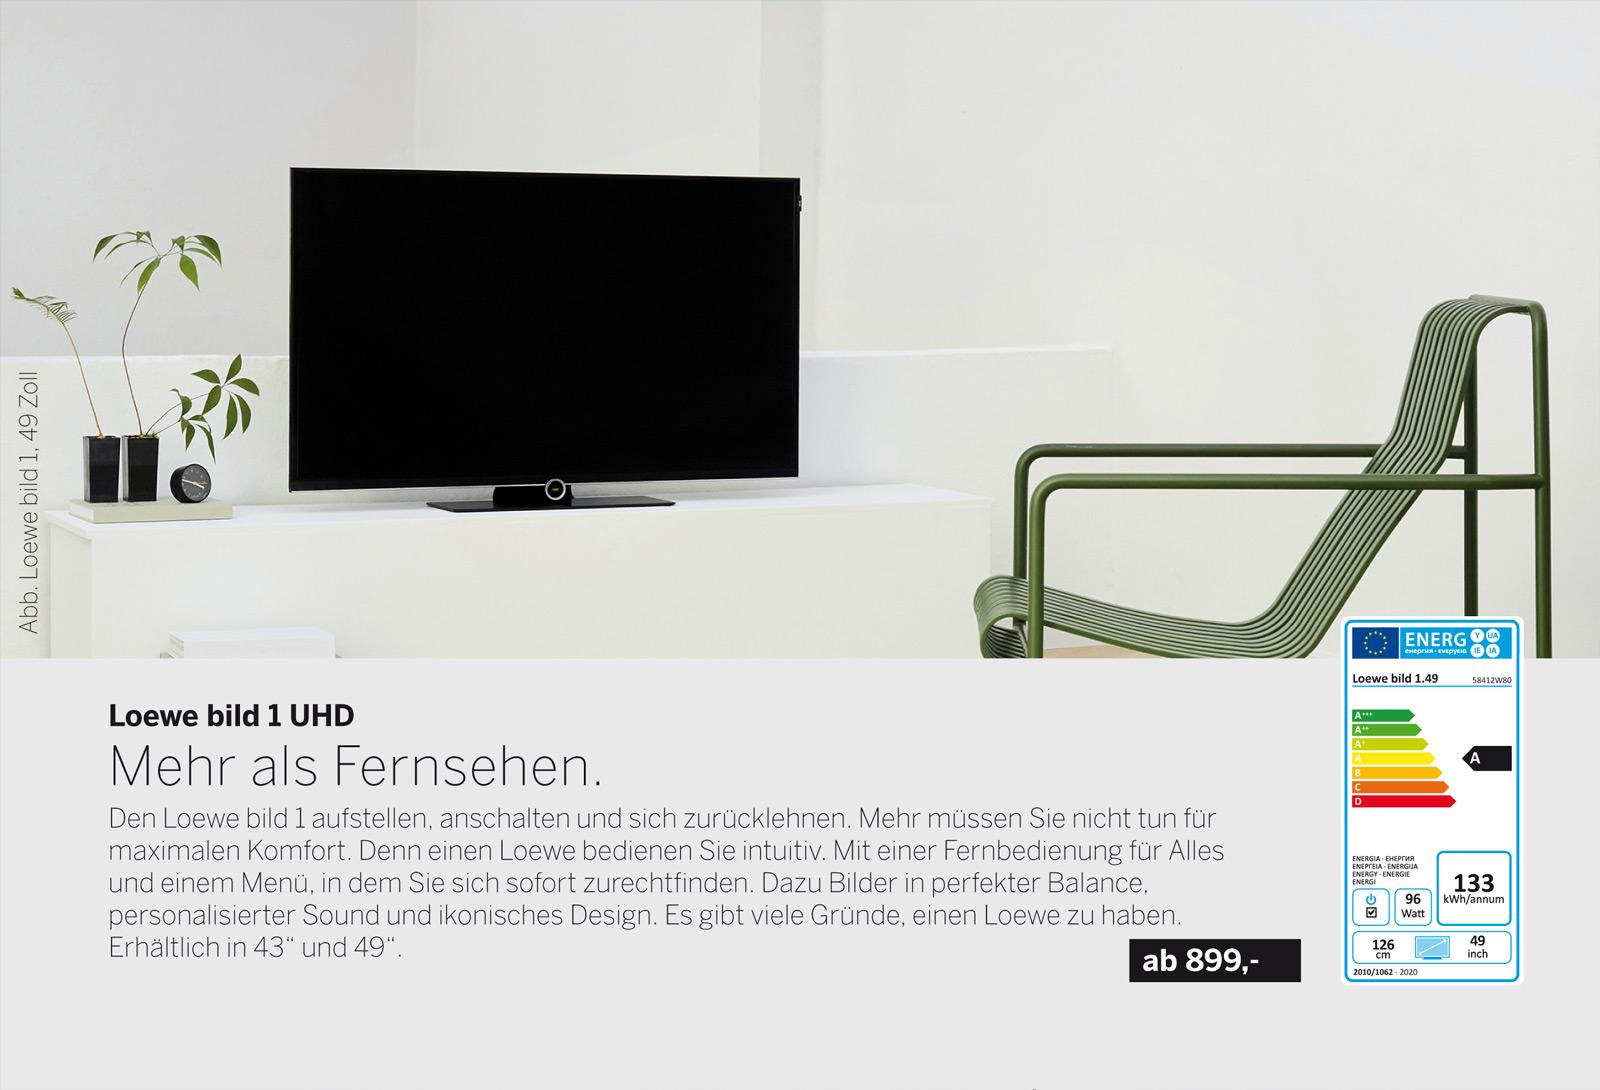 Loewe bild 1 Fernseher. Bestes Bild und kraftvoller Klang. Mehr als Fernsehen. Multimedia-Streaming in Perfektion. Erhältlich in UHD/4k und Full-HD.